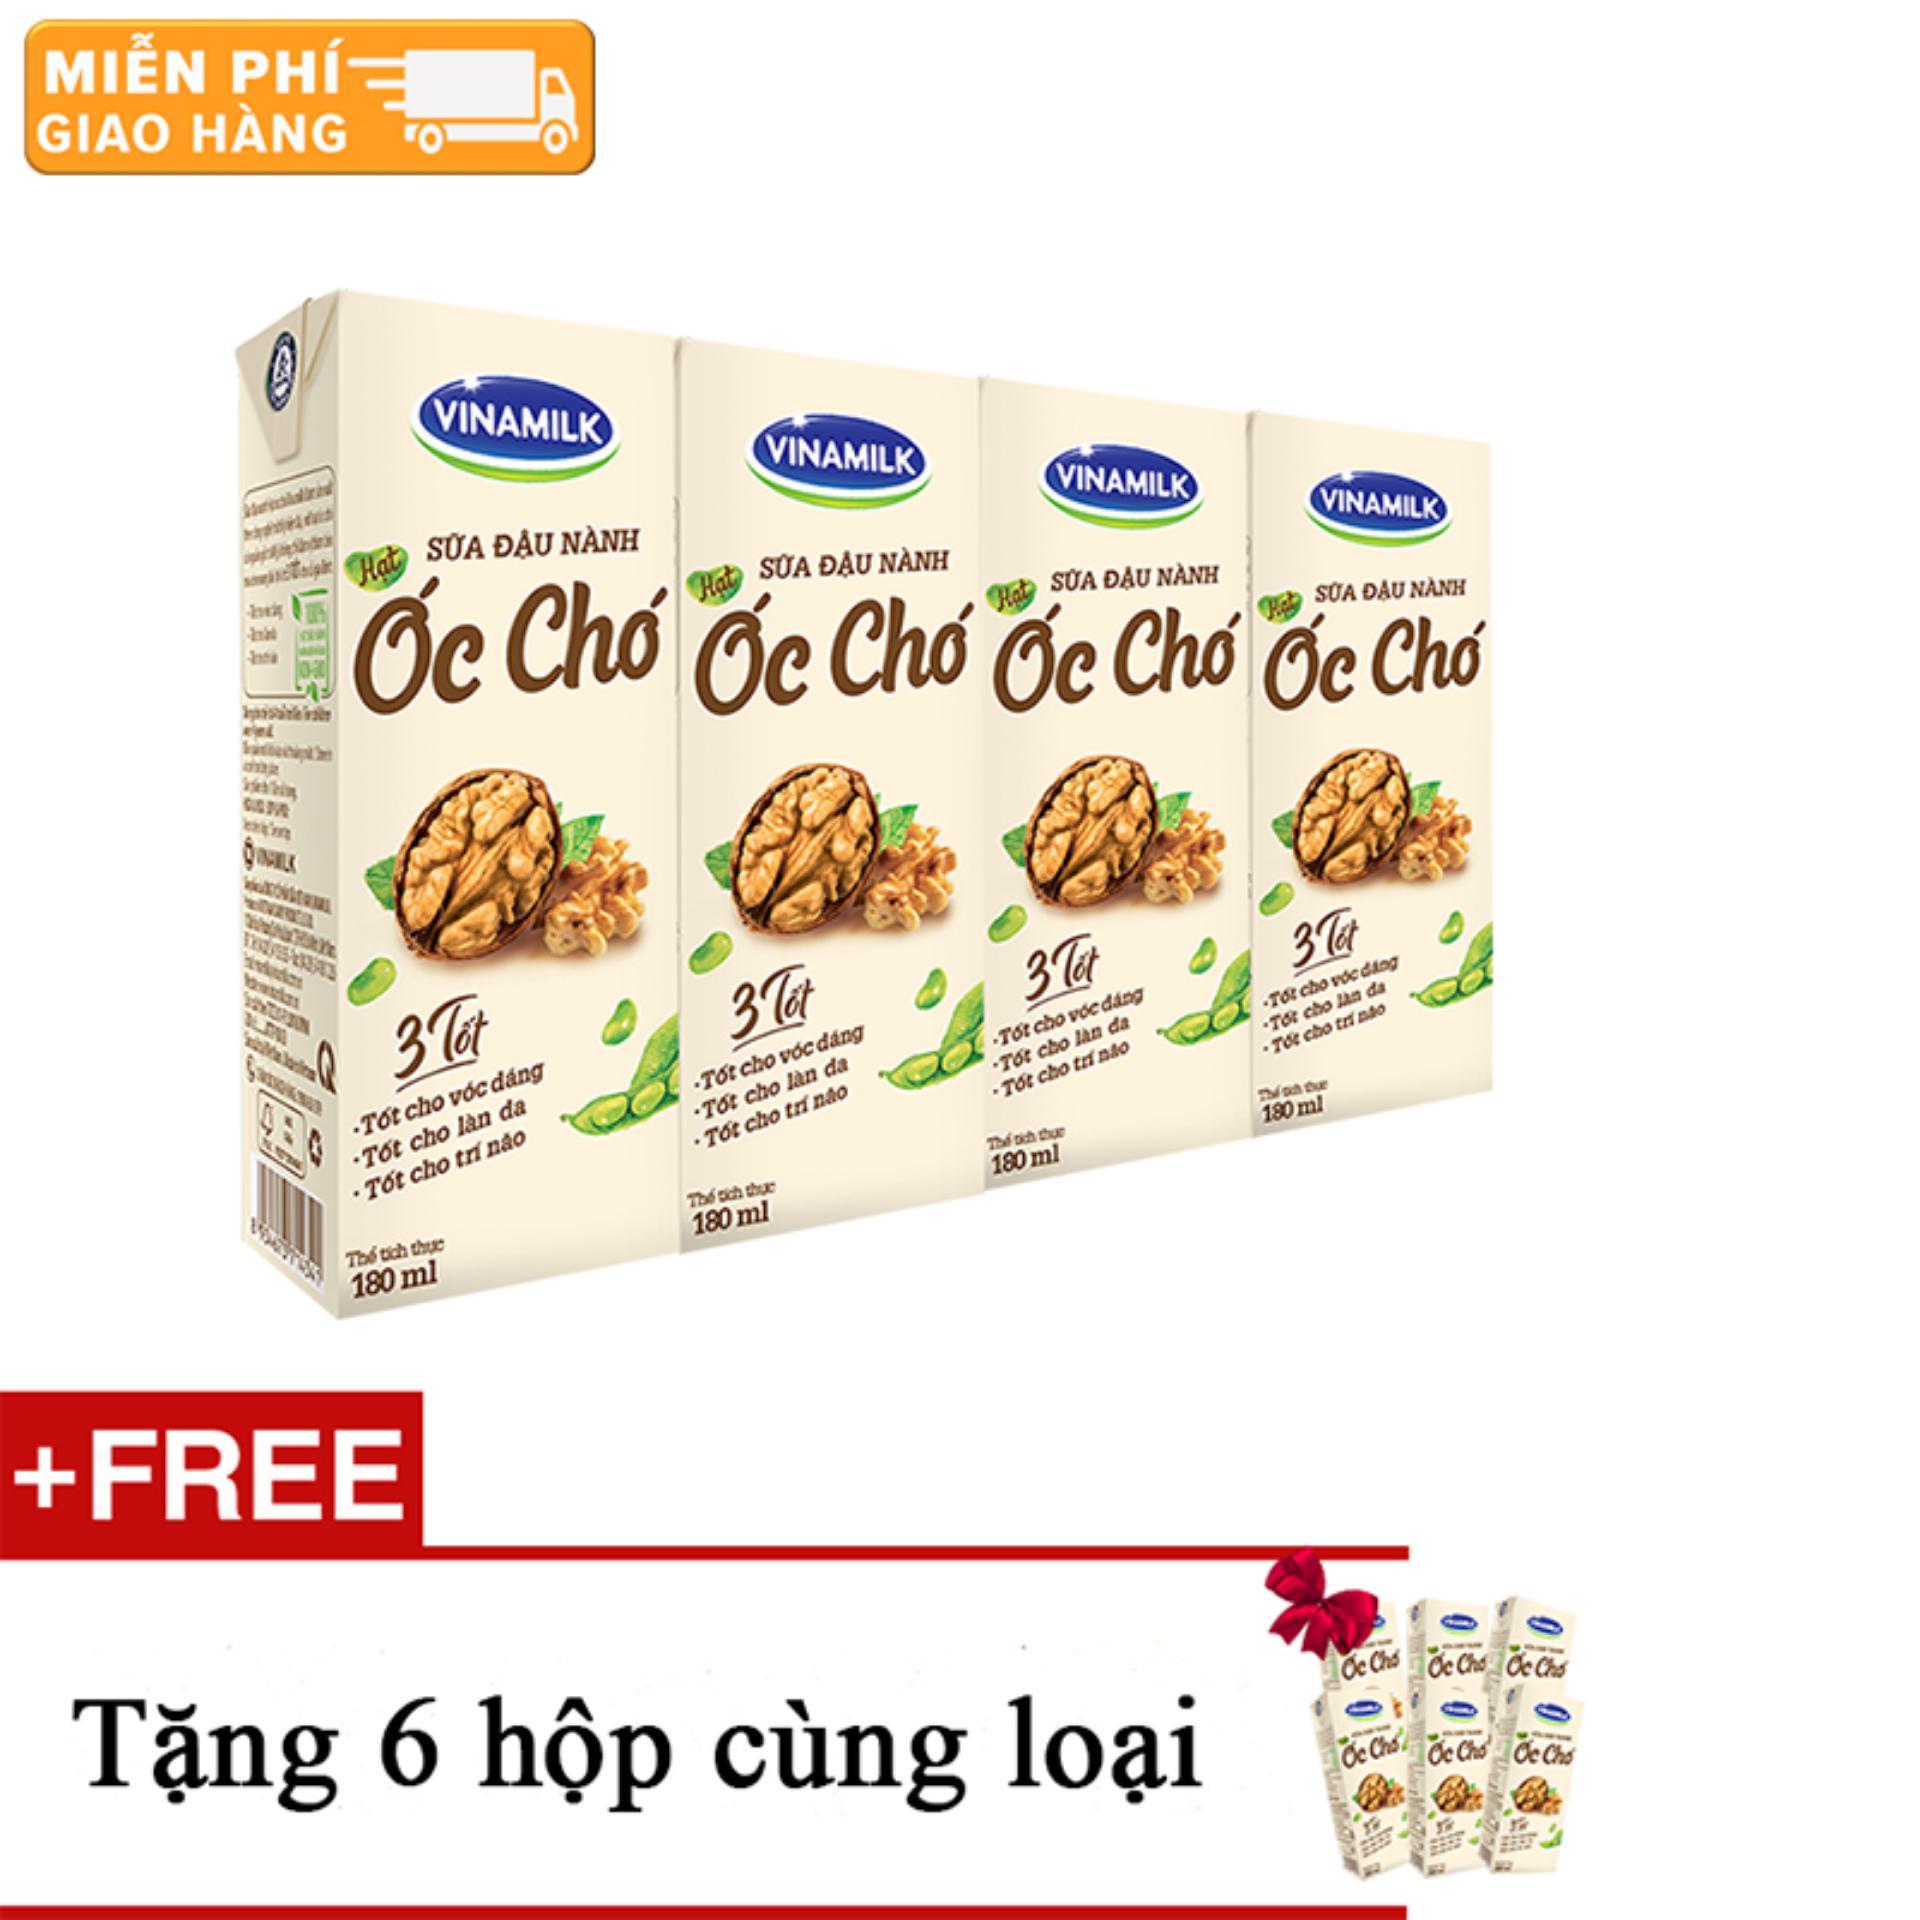 Thùng 12 lốc Sữa đậu nành Vinamilk hạt Óc chó - Lốc 4 hộp x 180ml+ Tặng 6 hộp cùng...